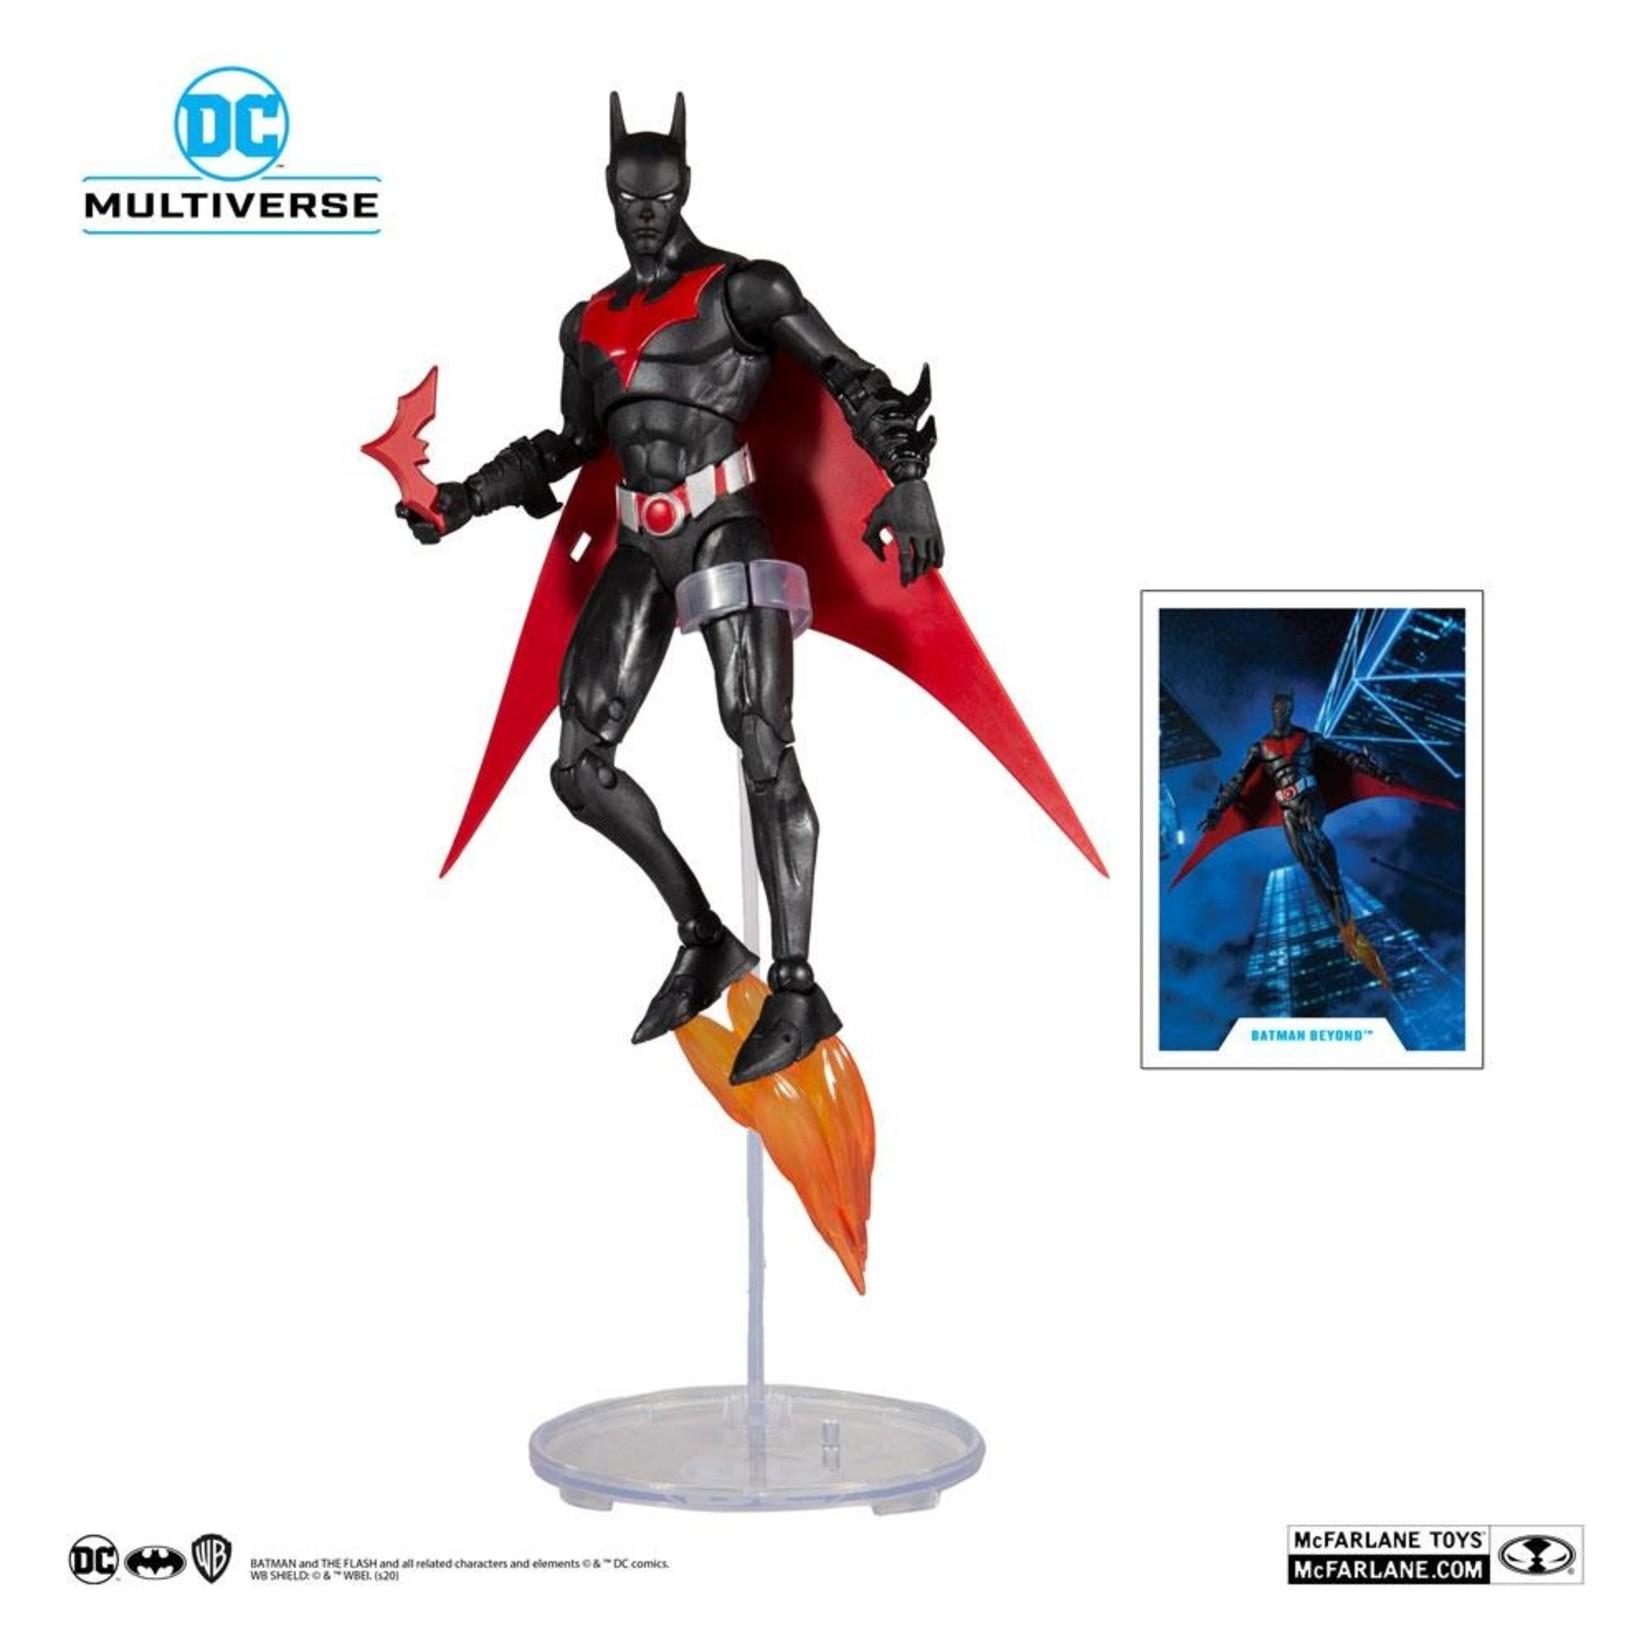 McFarlane Toys DC MULTIVERSE BATMAN (BATMAN BEYOND)